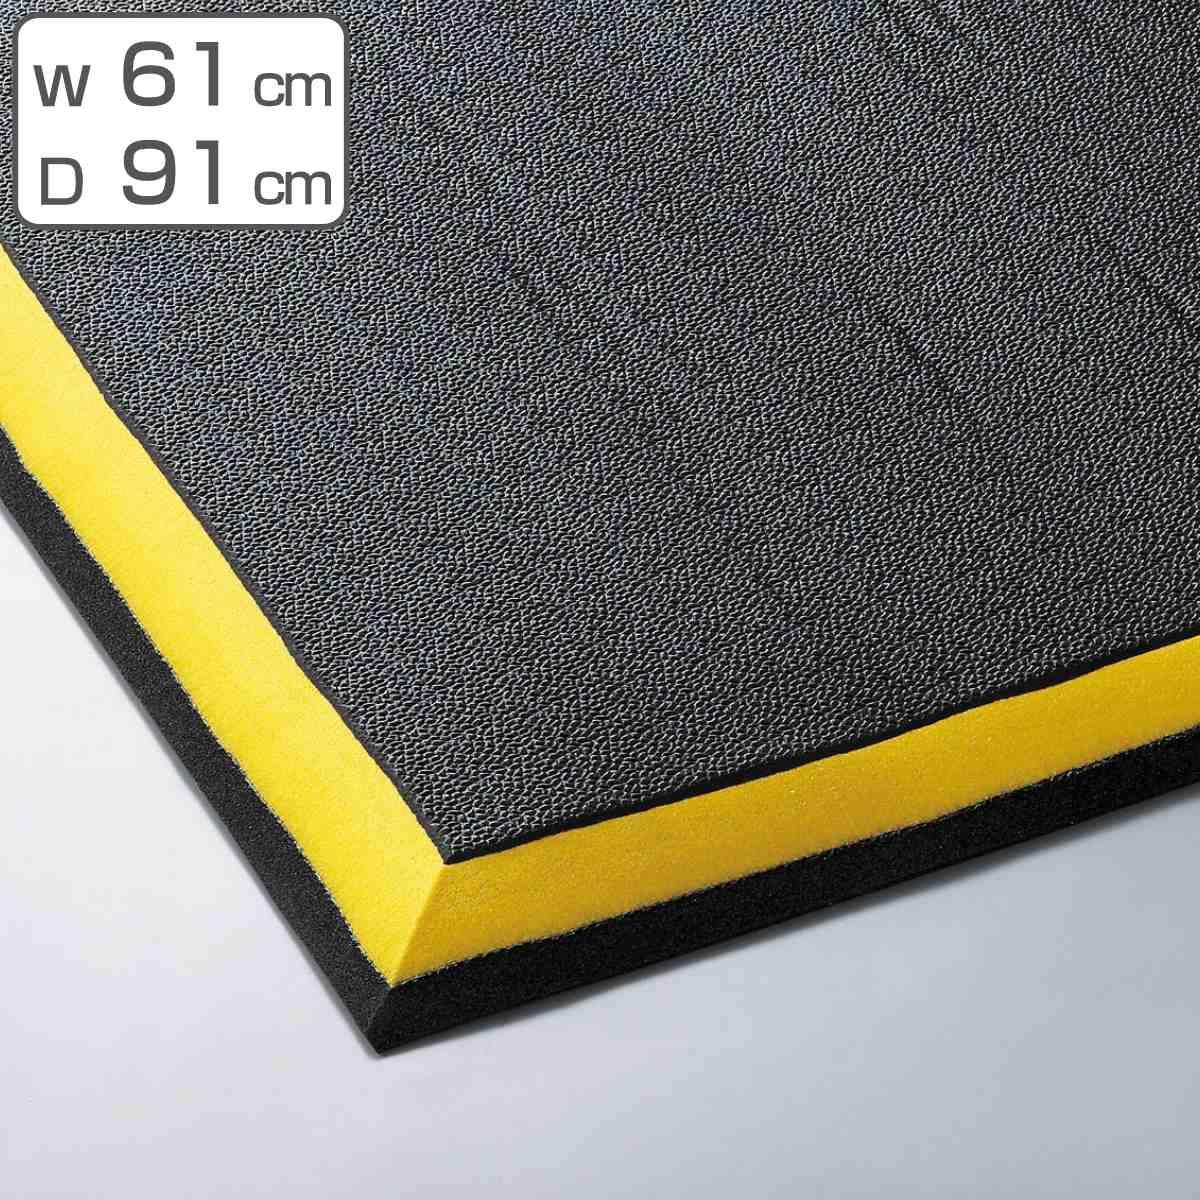 クッションマット ケアソフト クッションキングEX 610×910 (山崎産業 送料無料 )